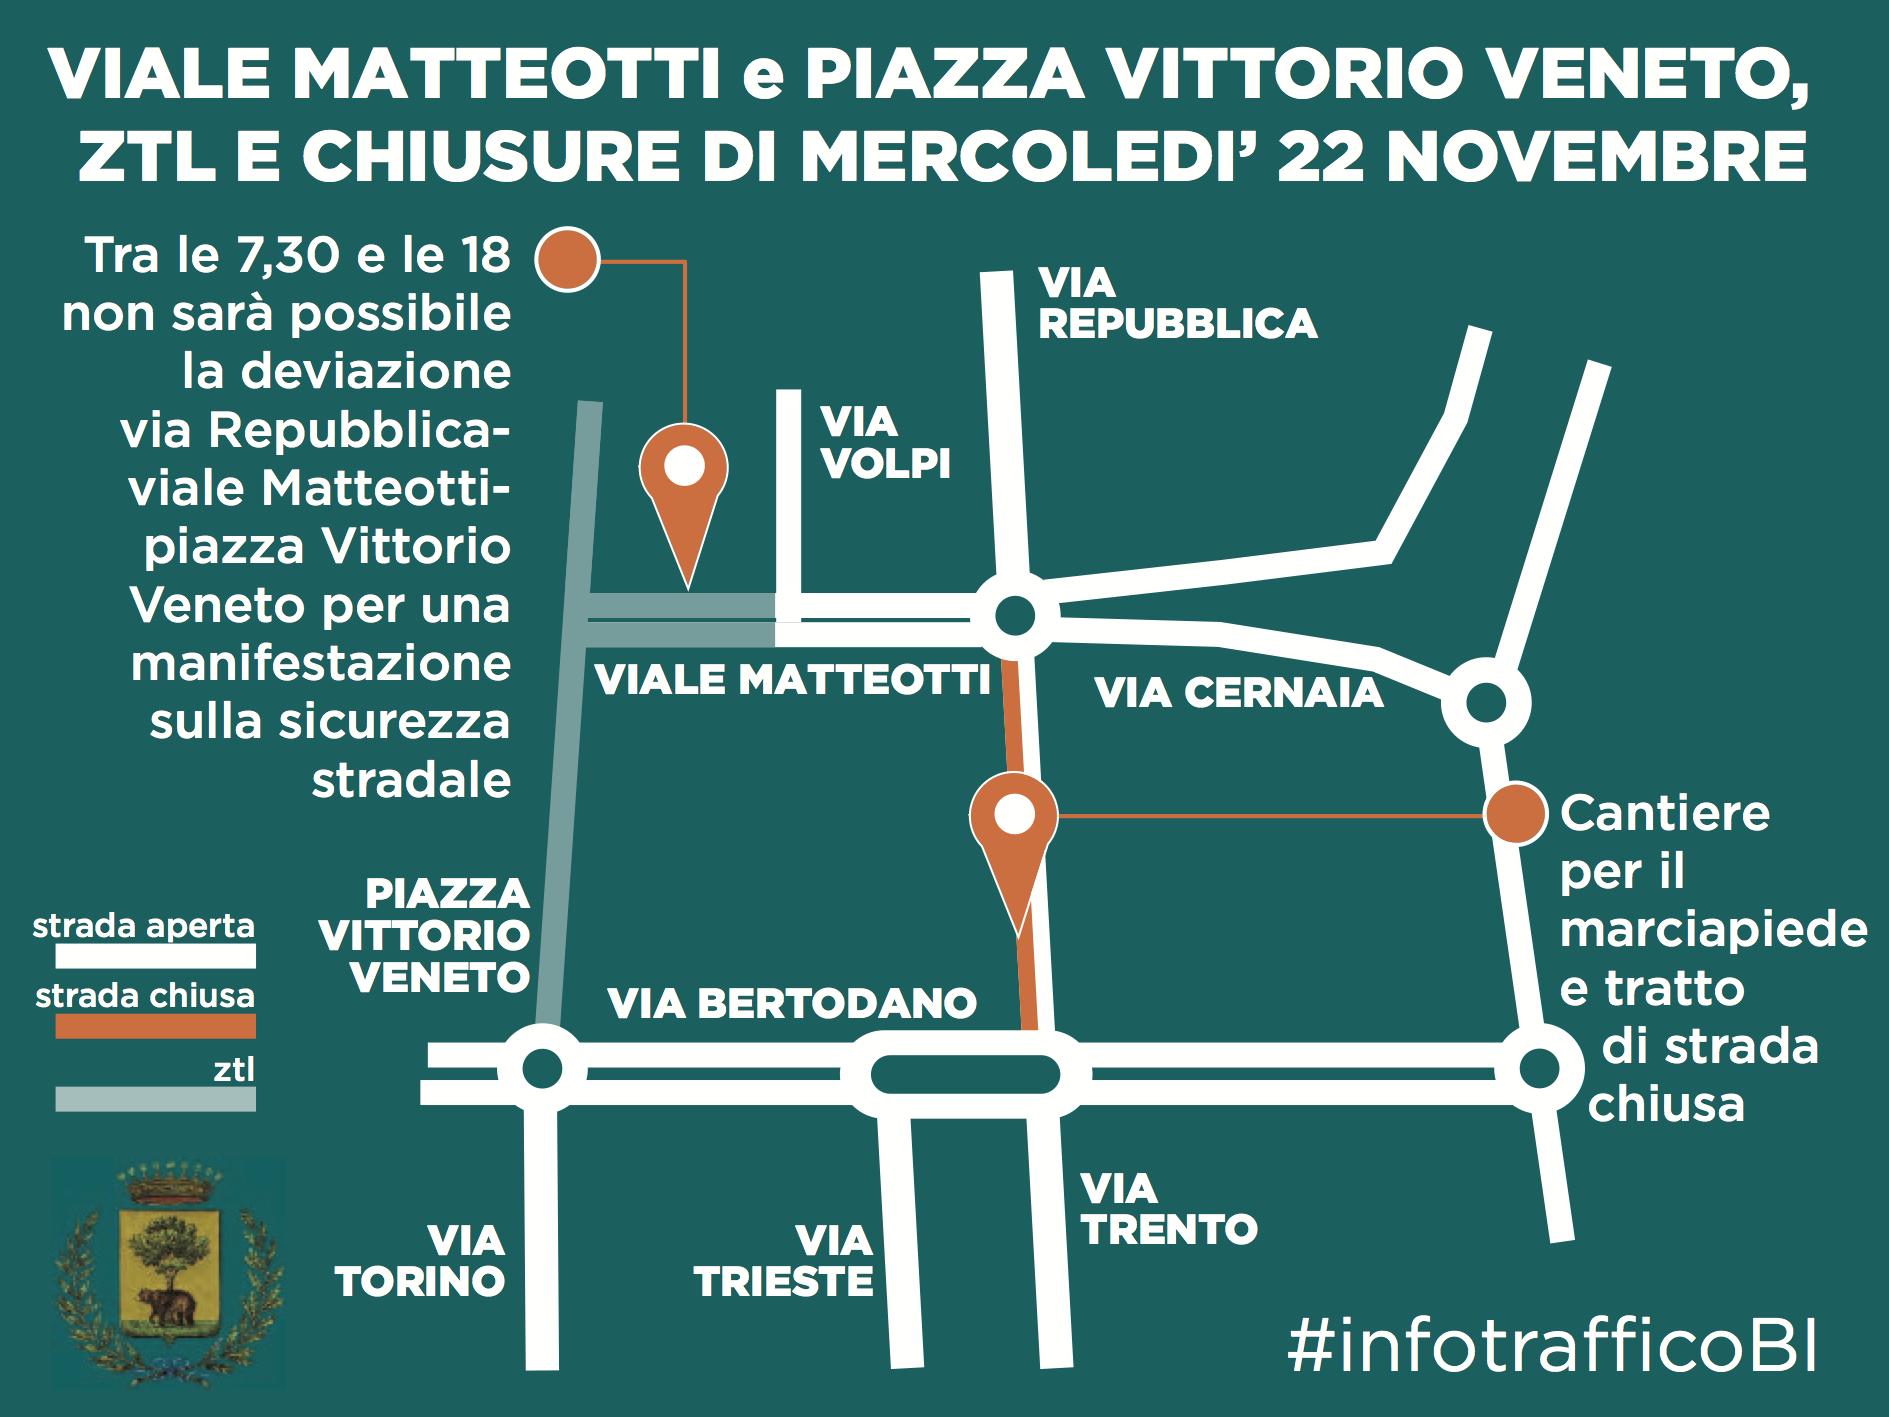 La mappa della zona via Repubblica-viale Matteotti per il 22 novembre